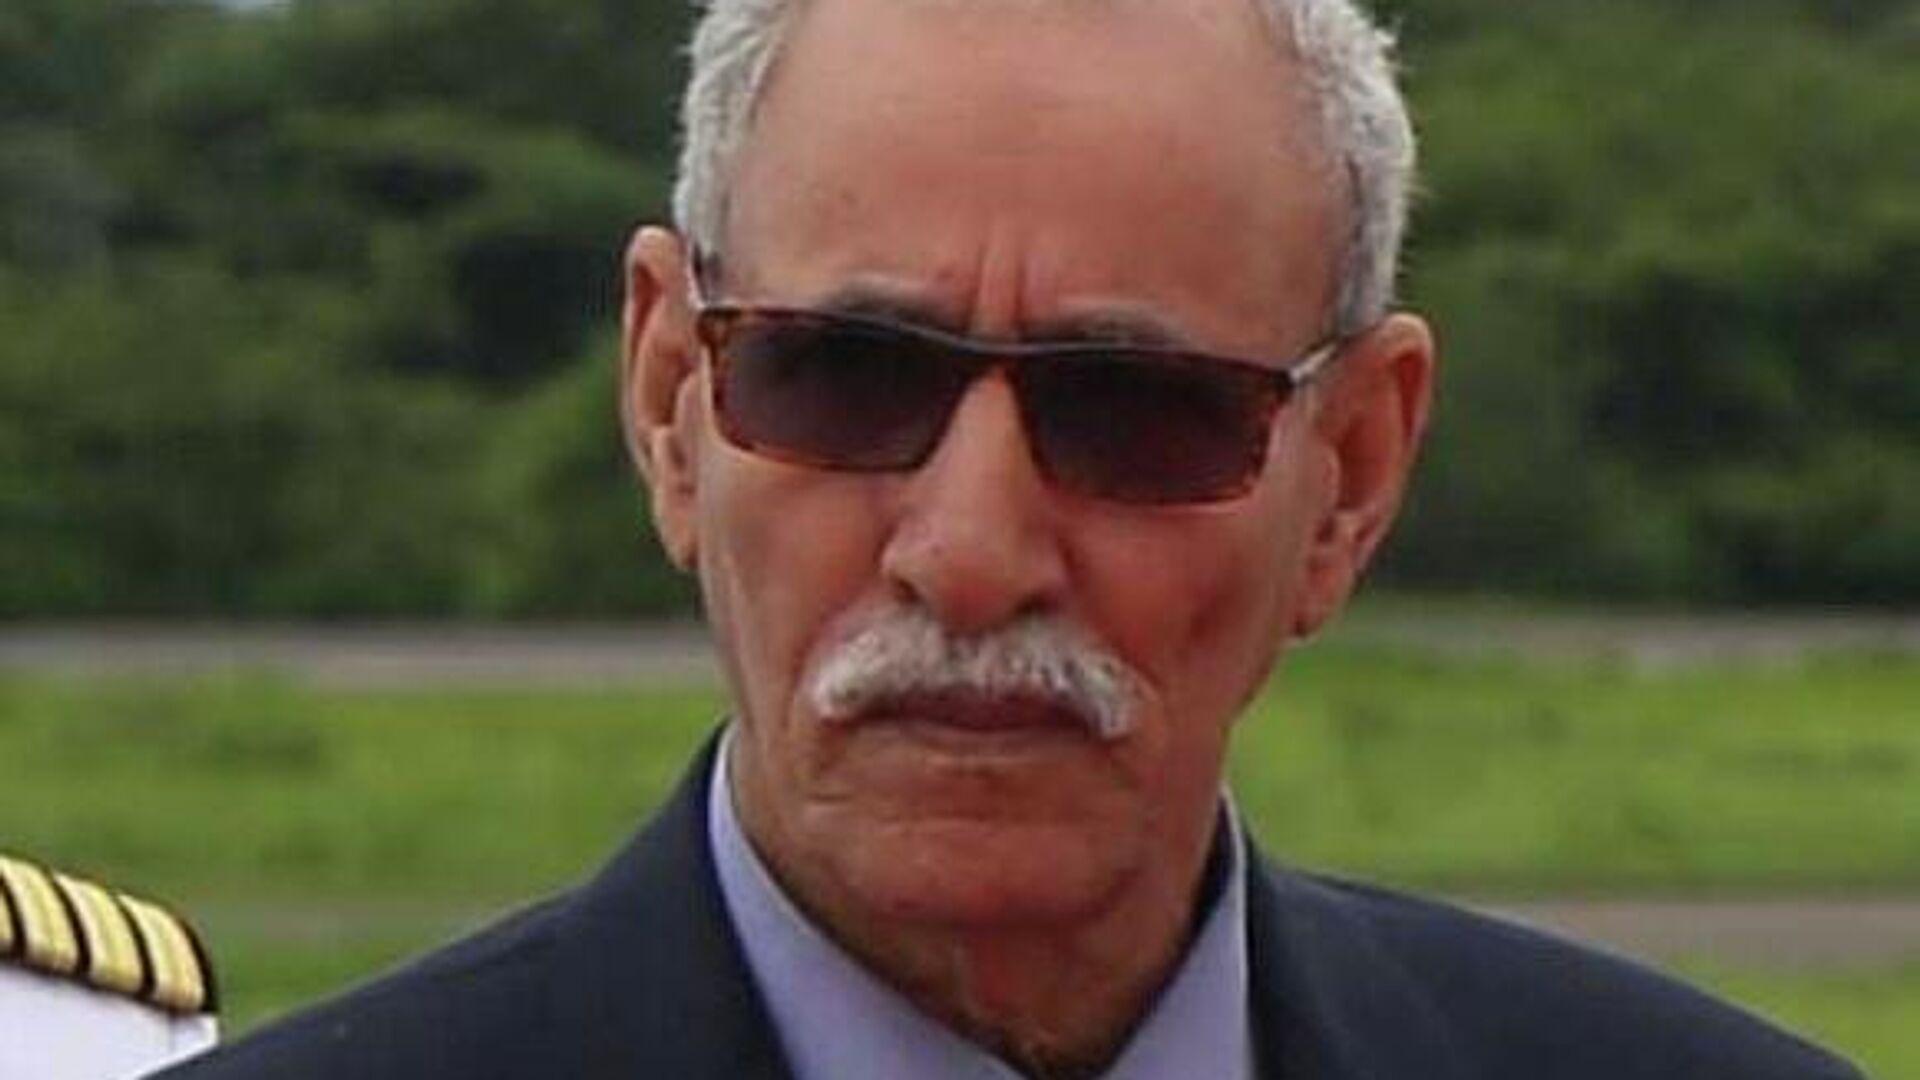 Chef der Unabhängigkeitsbewegung für die Westsahara Polisario, Brahim Ghali (Archivbild) - SNA, 1920, 30.09.2021